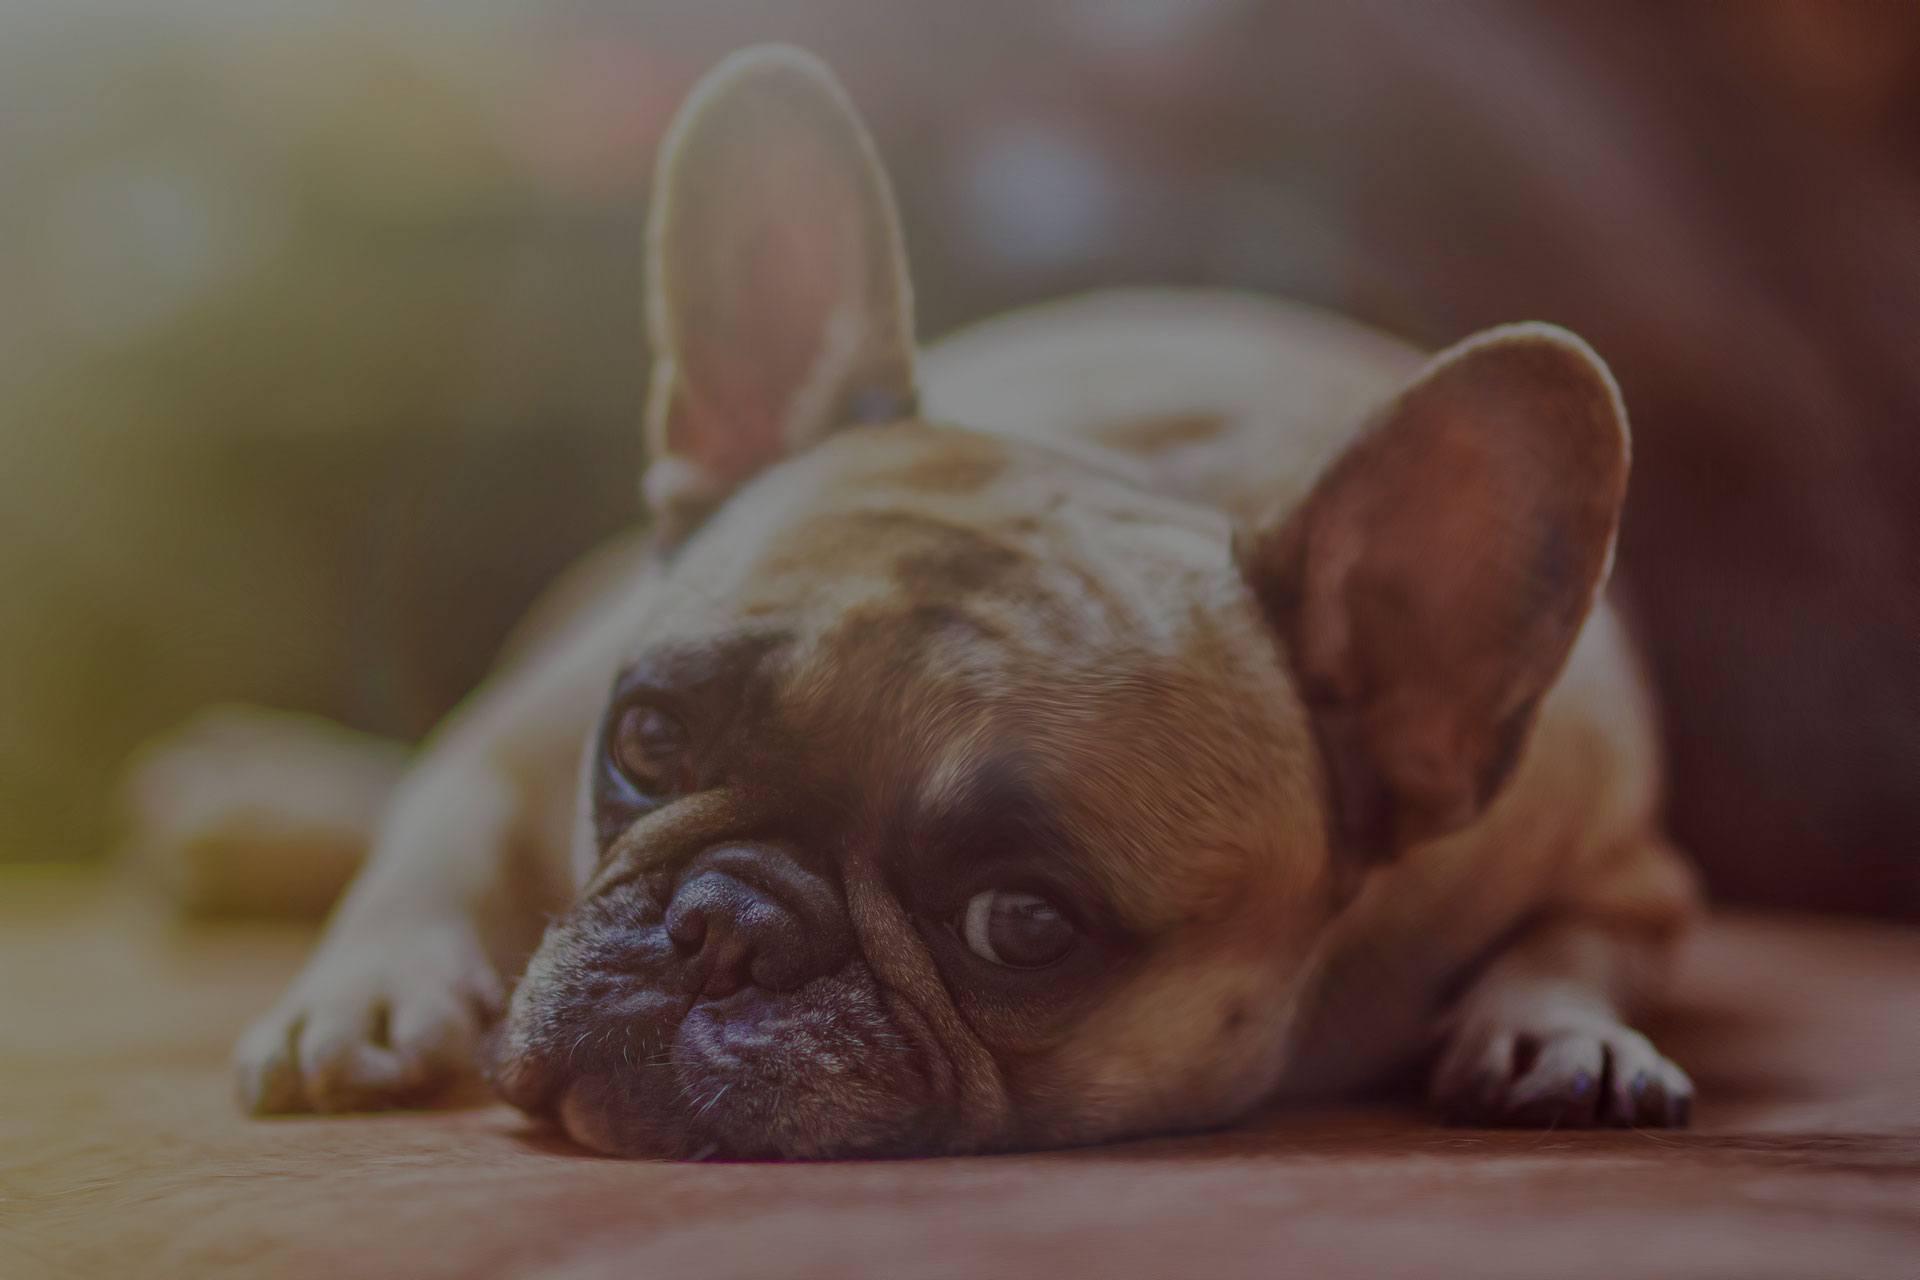 Cute puppy lying on floor